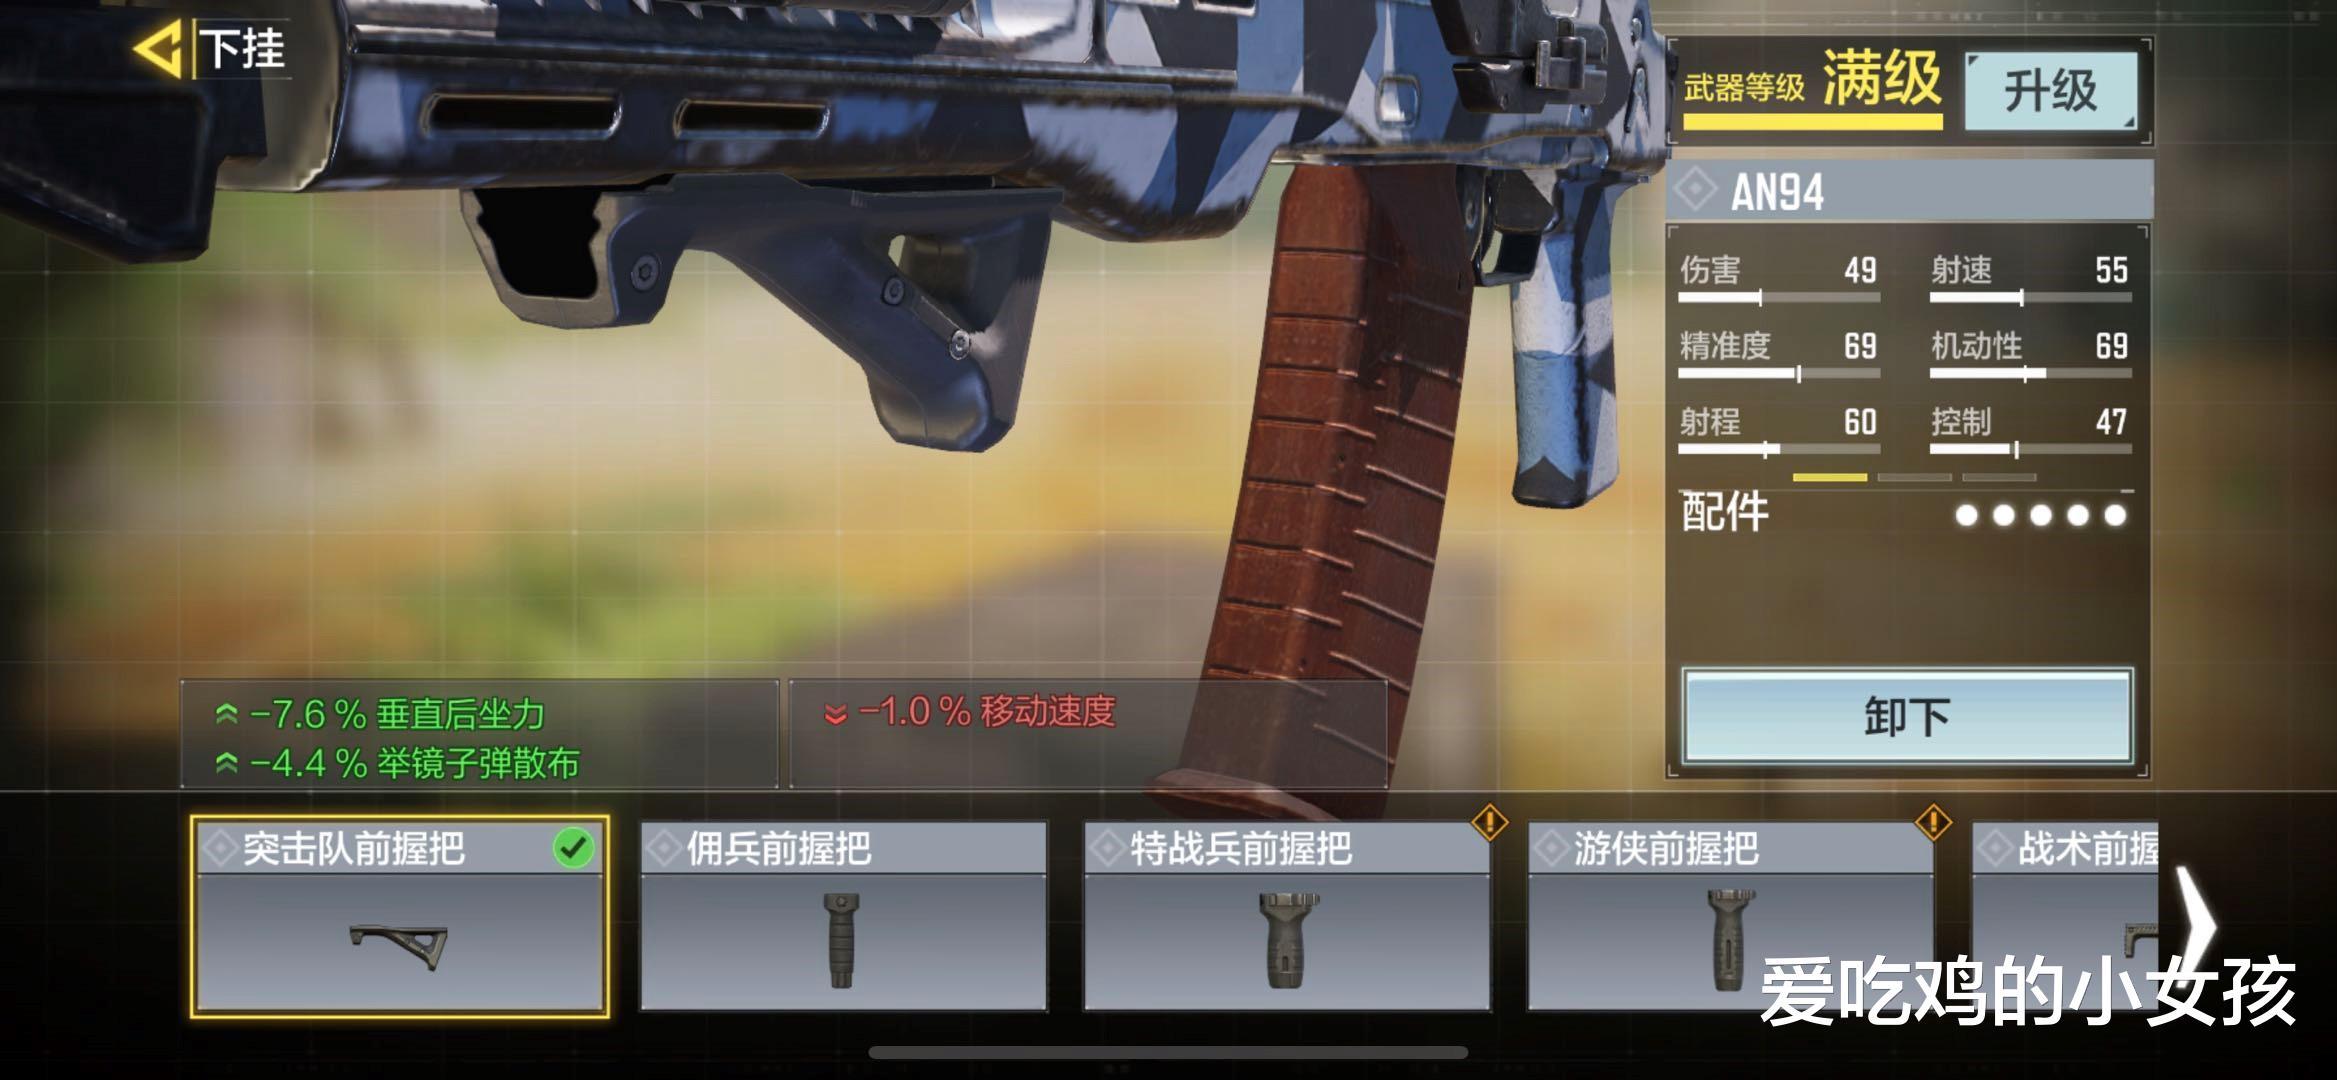 《【煜星平台官网注册】使命召唤手游: 枪匠系统太难?这几个配件看好,能用到满级》